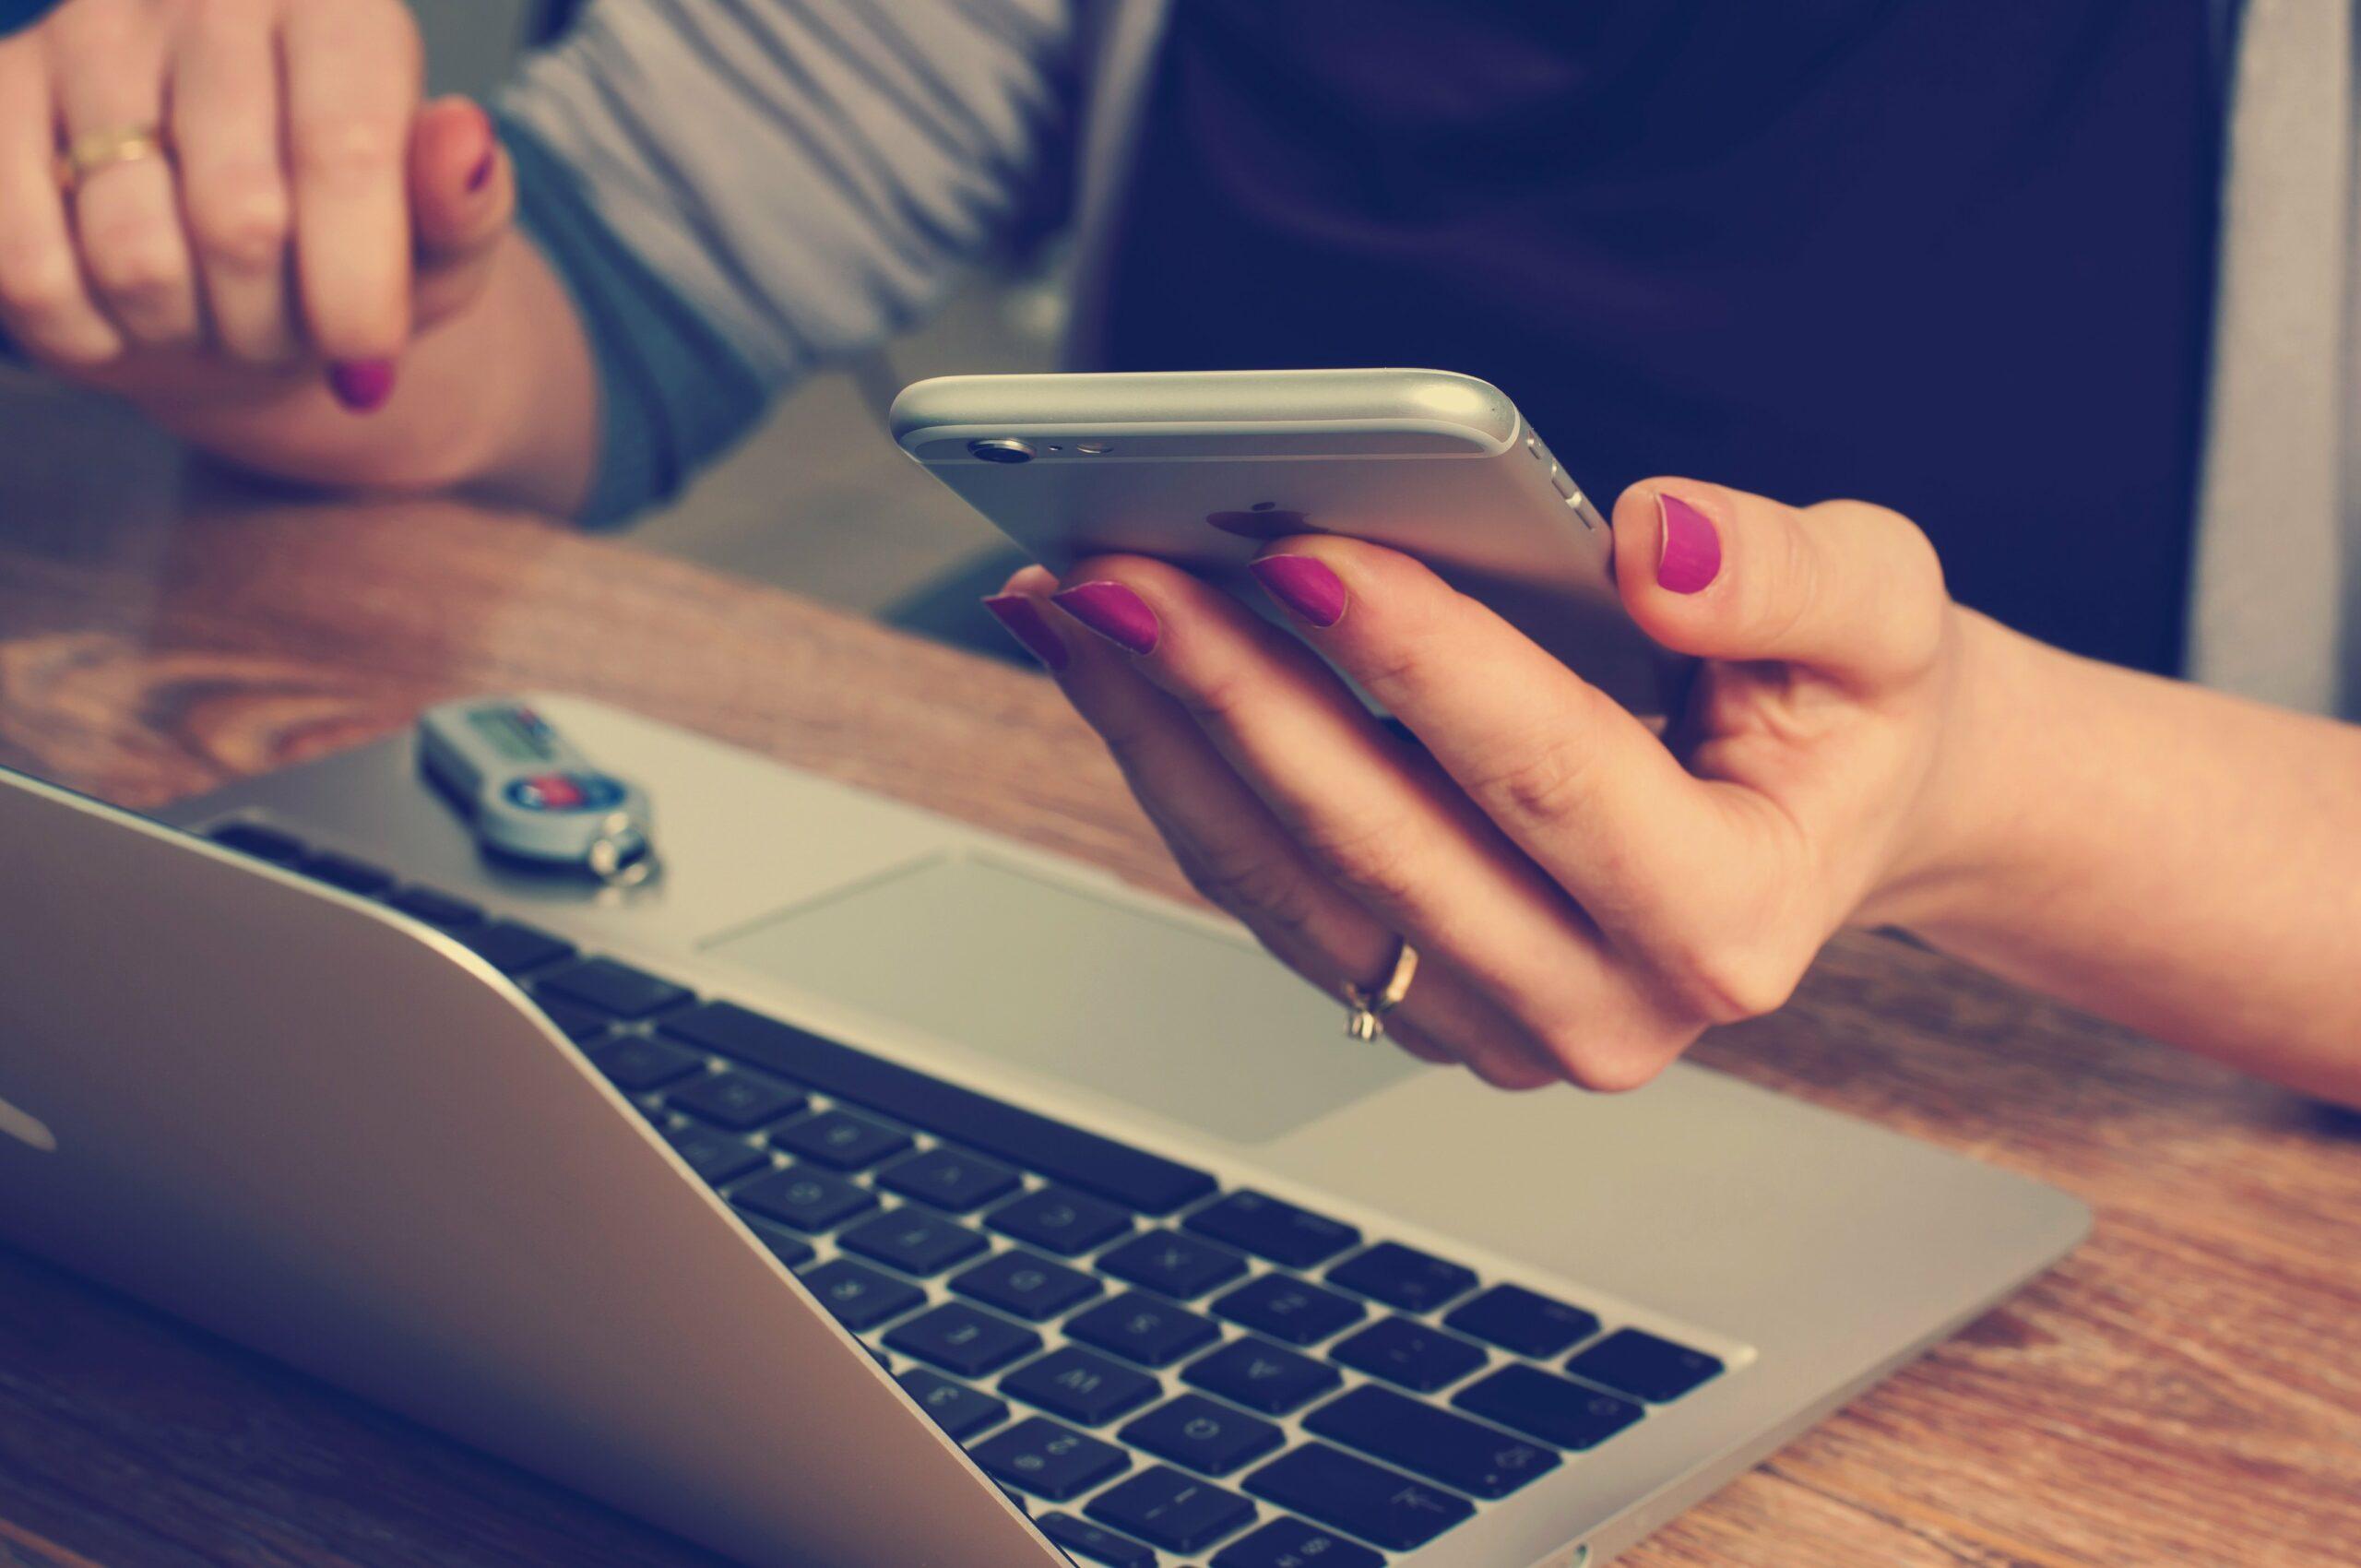 Kvinna arbetar med laptop och mobiltelefon